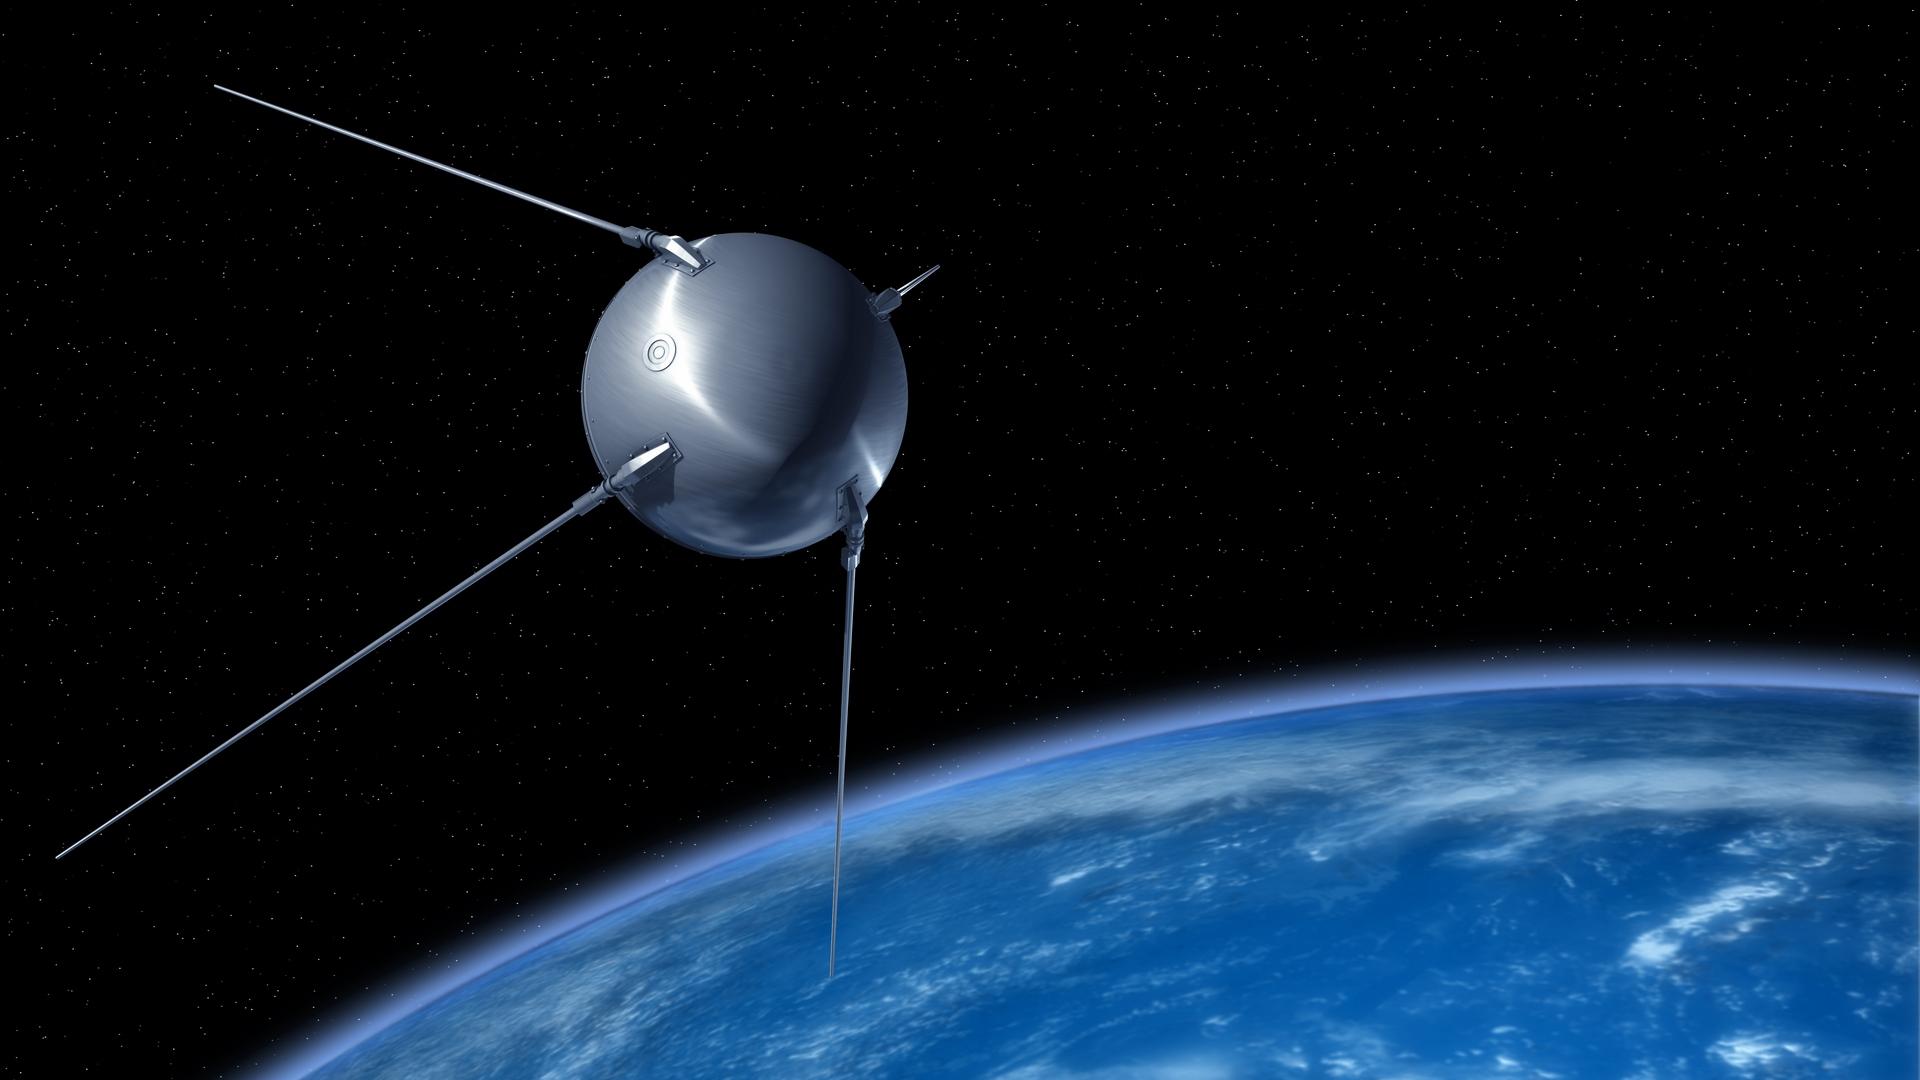 У Земли появится «вечный» искусственный спутник: российская разработка прошла первые испытания